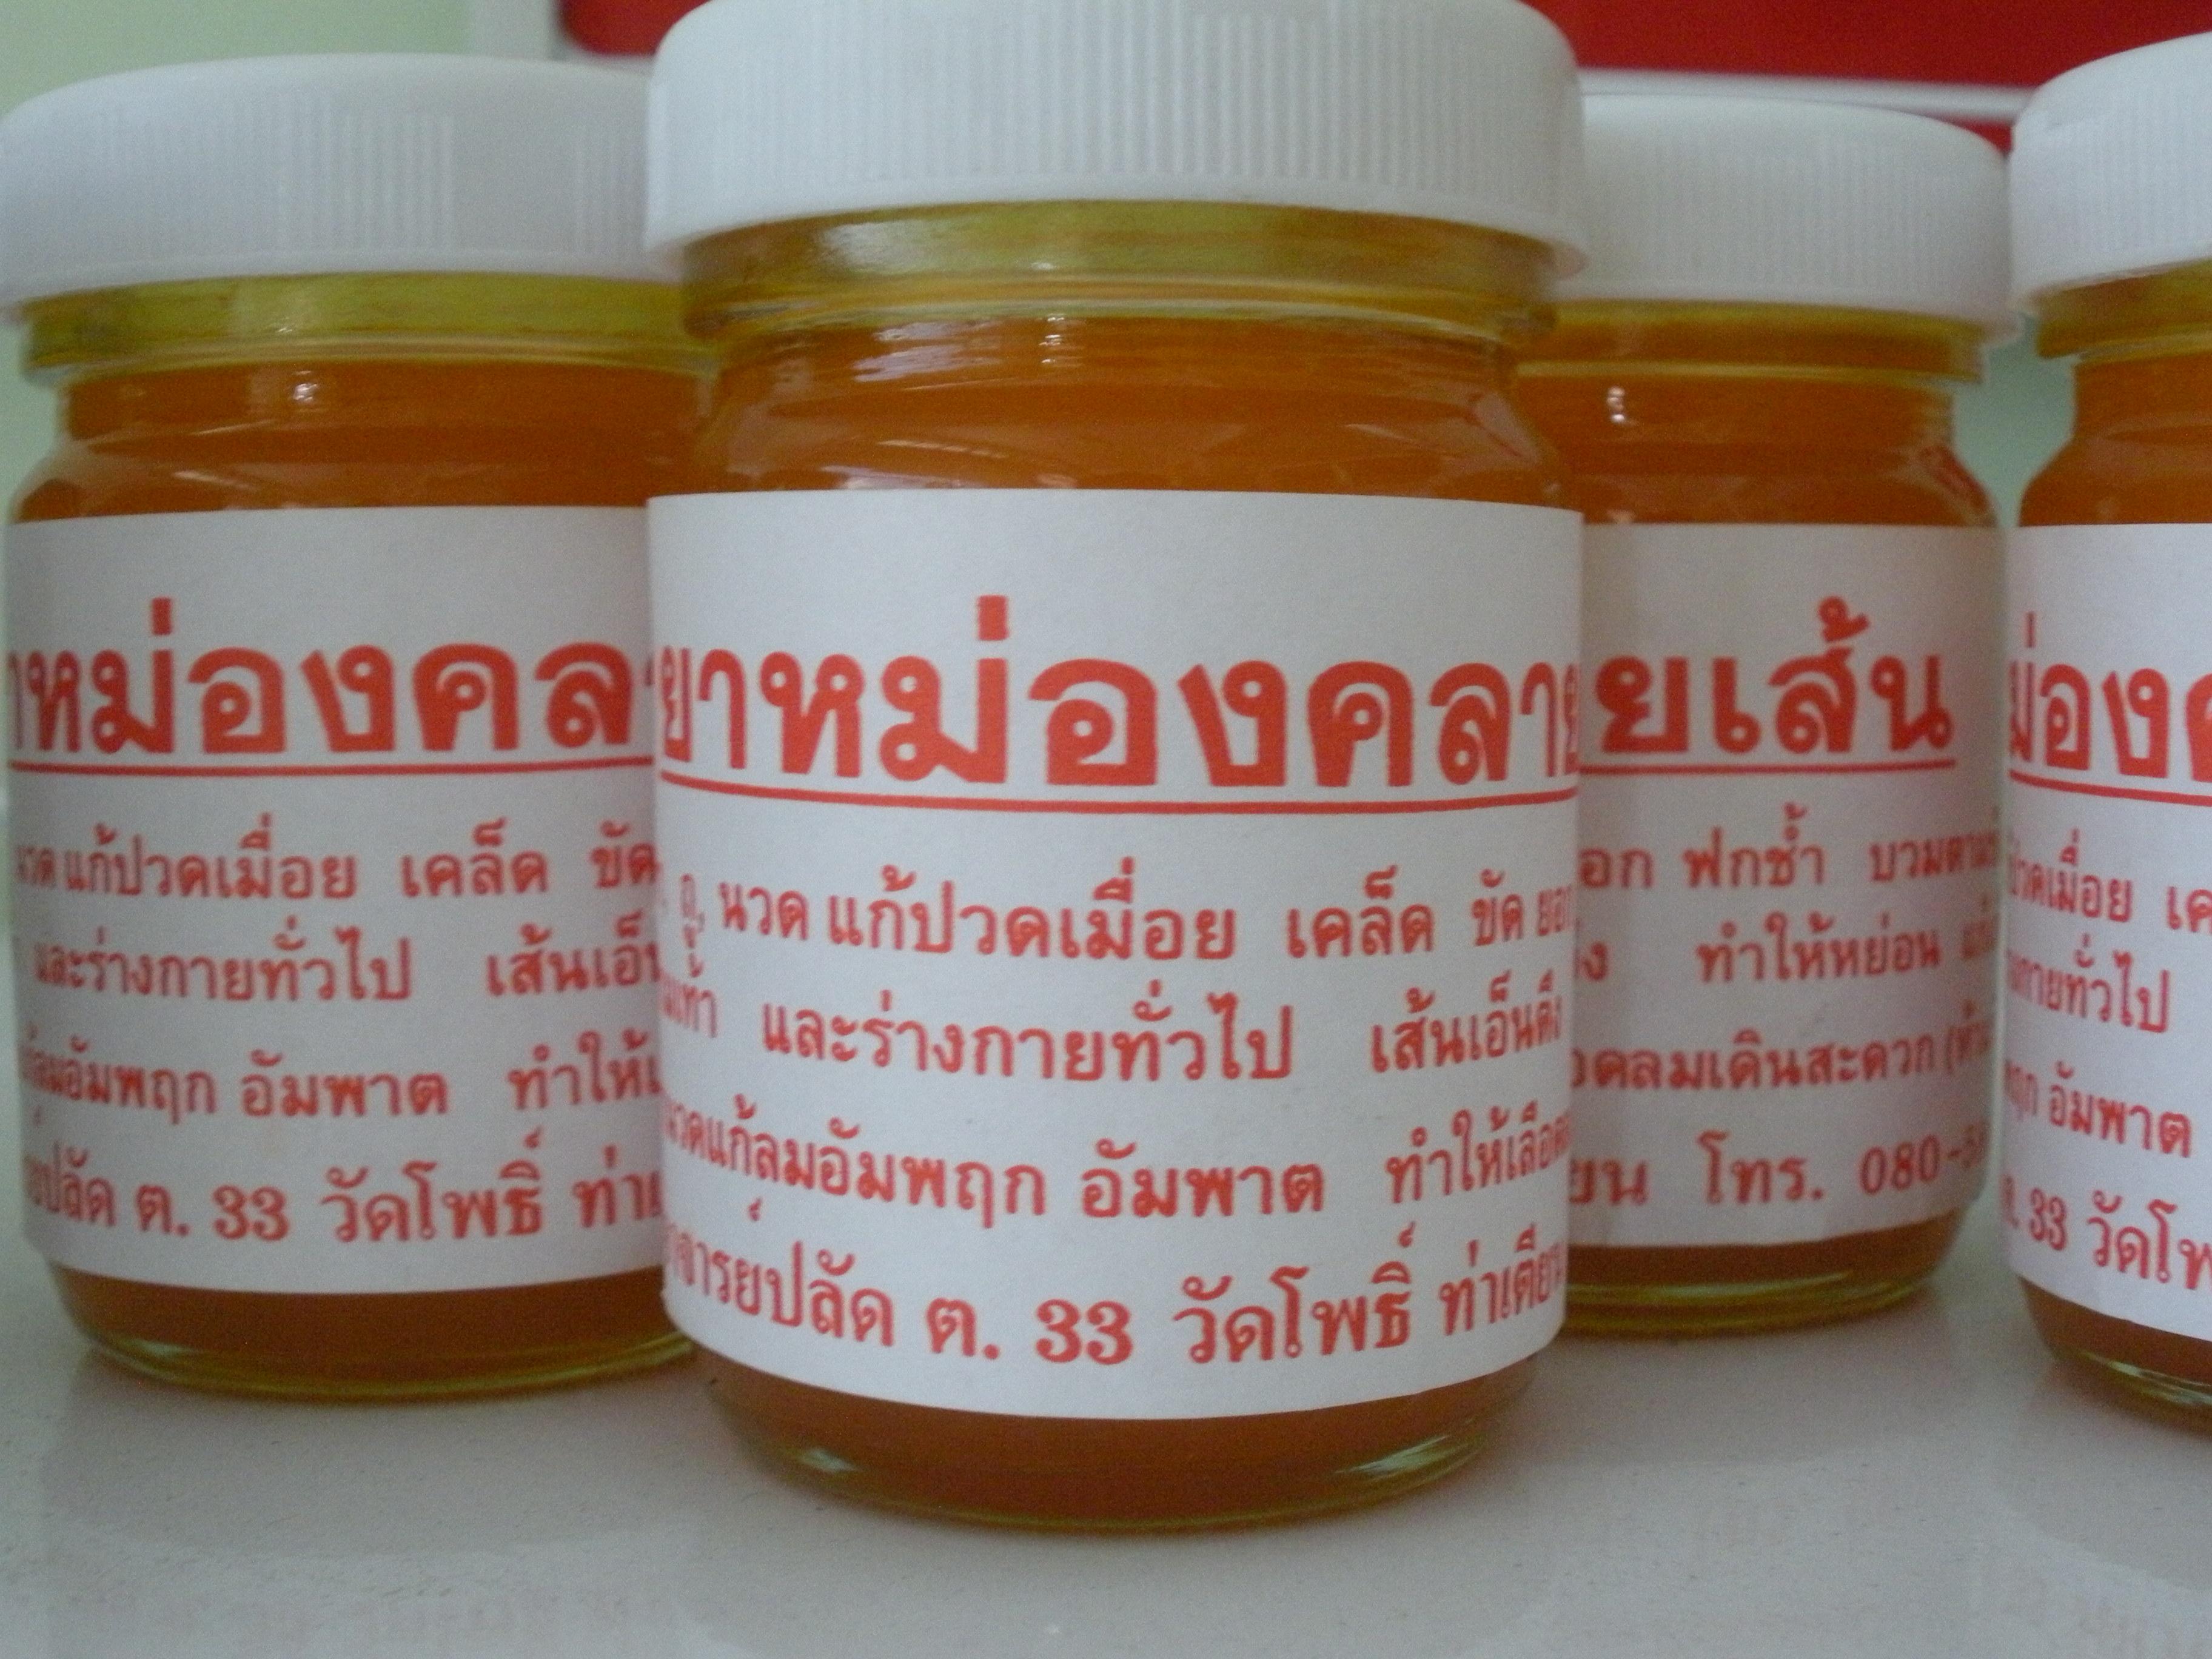 ยาหม่อง คลายเส้น 100g (Herb Ointment 100g)